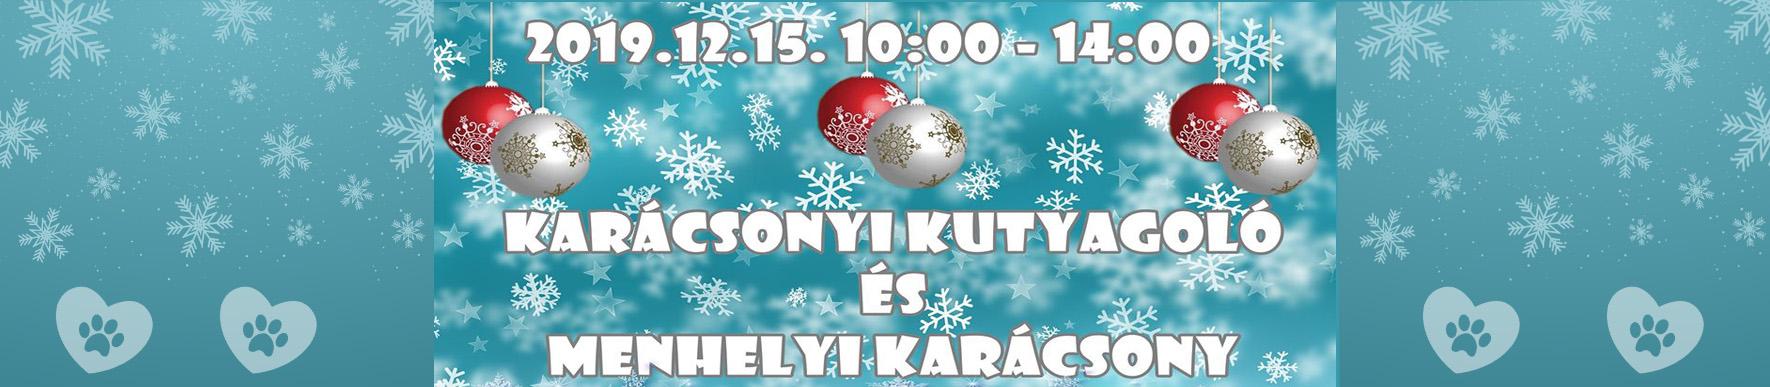 Karácsonyi Kutyagoló és Menhelyi Karácsony❄️🎄 2019.12.15.